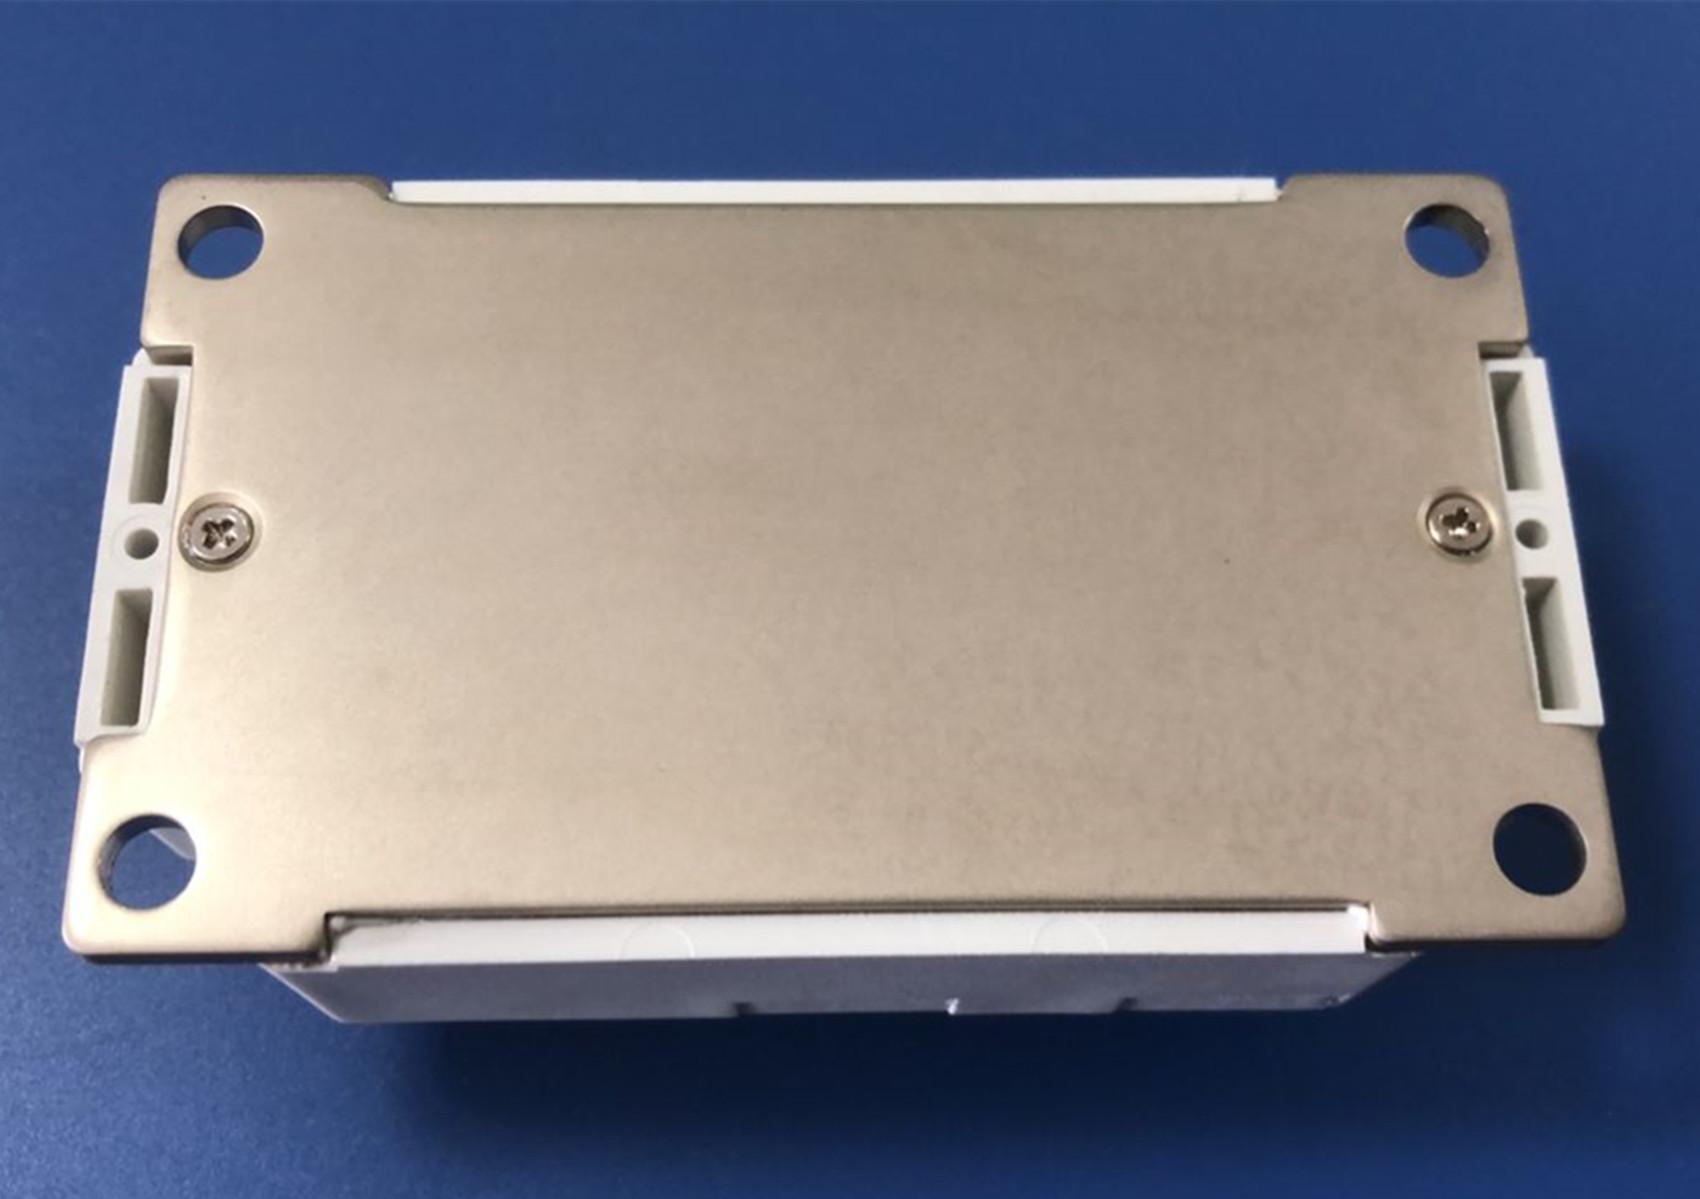 新品銀茂微模塊GF600SD120T2ZH品牌推薦    -FZ400R12KS4廠家供應